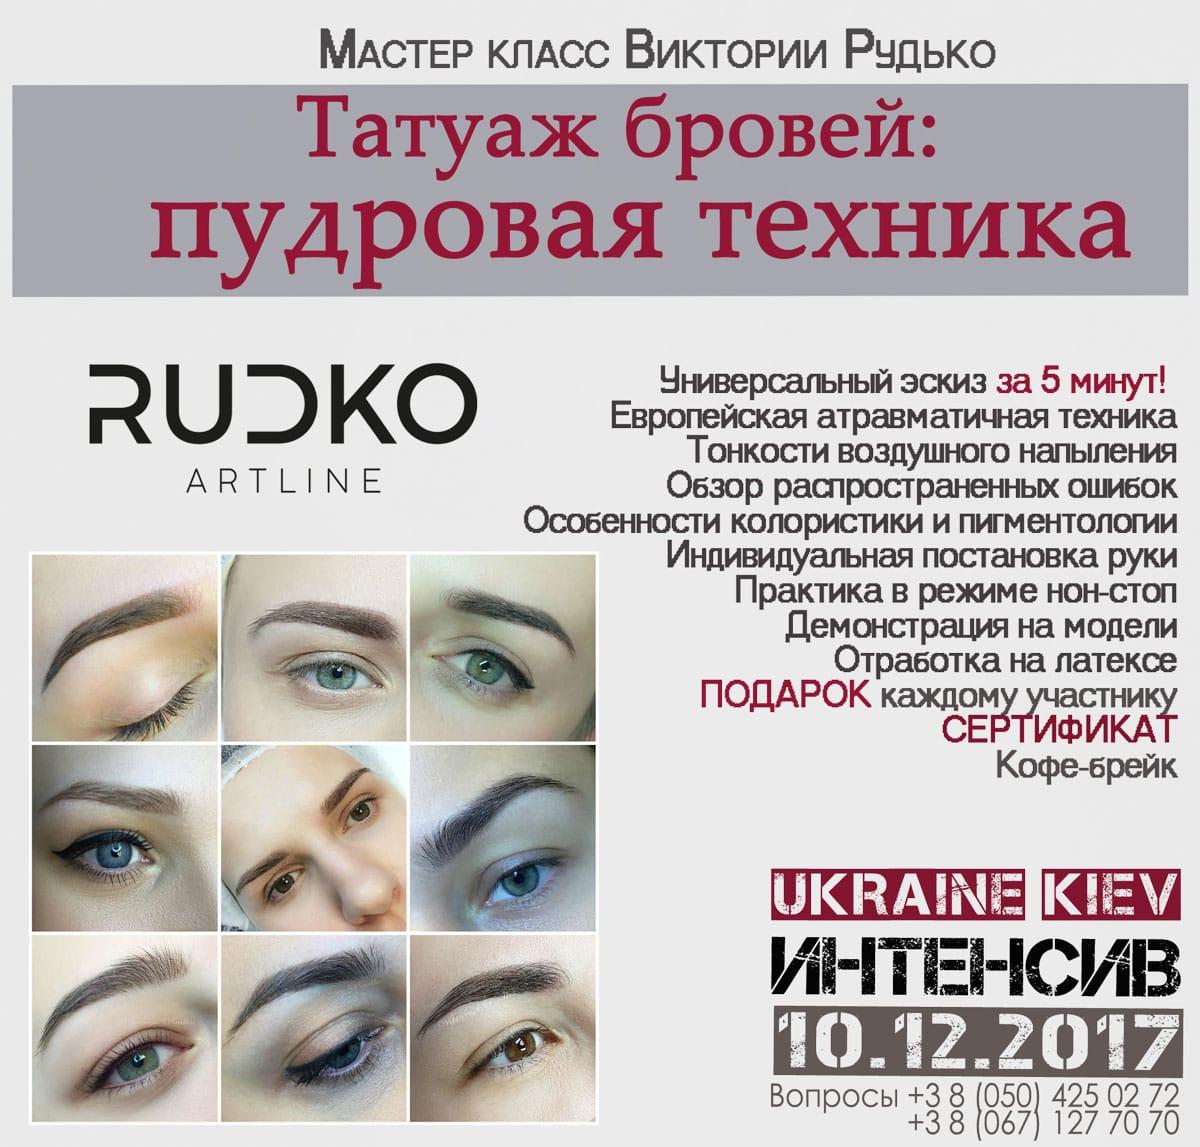 Мастер класс 10 декабря: Пудровые  брови — Виктория Рудько